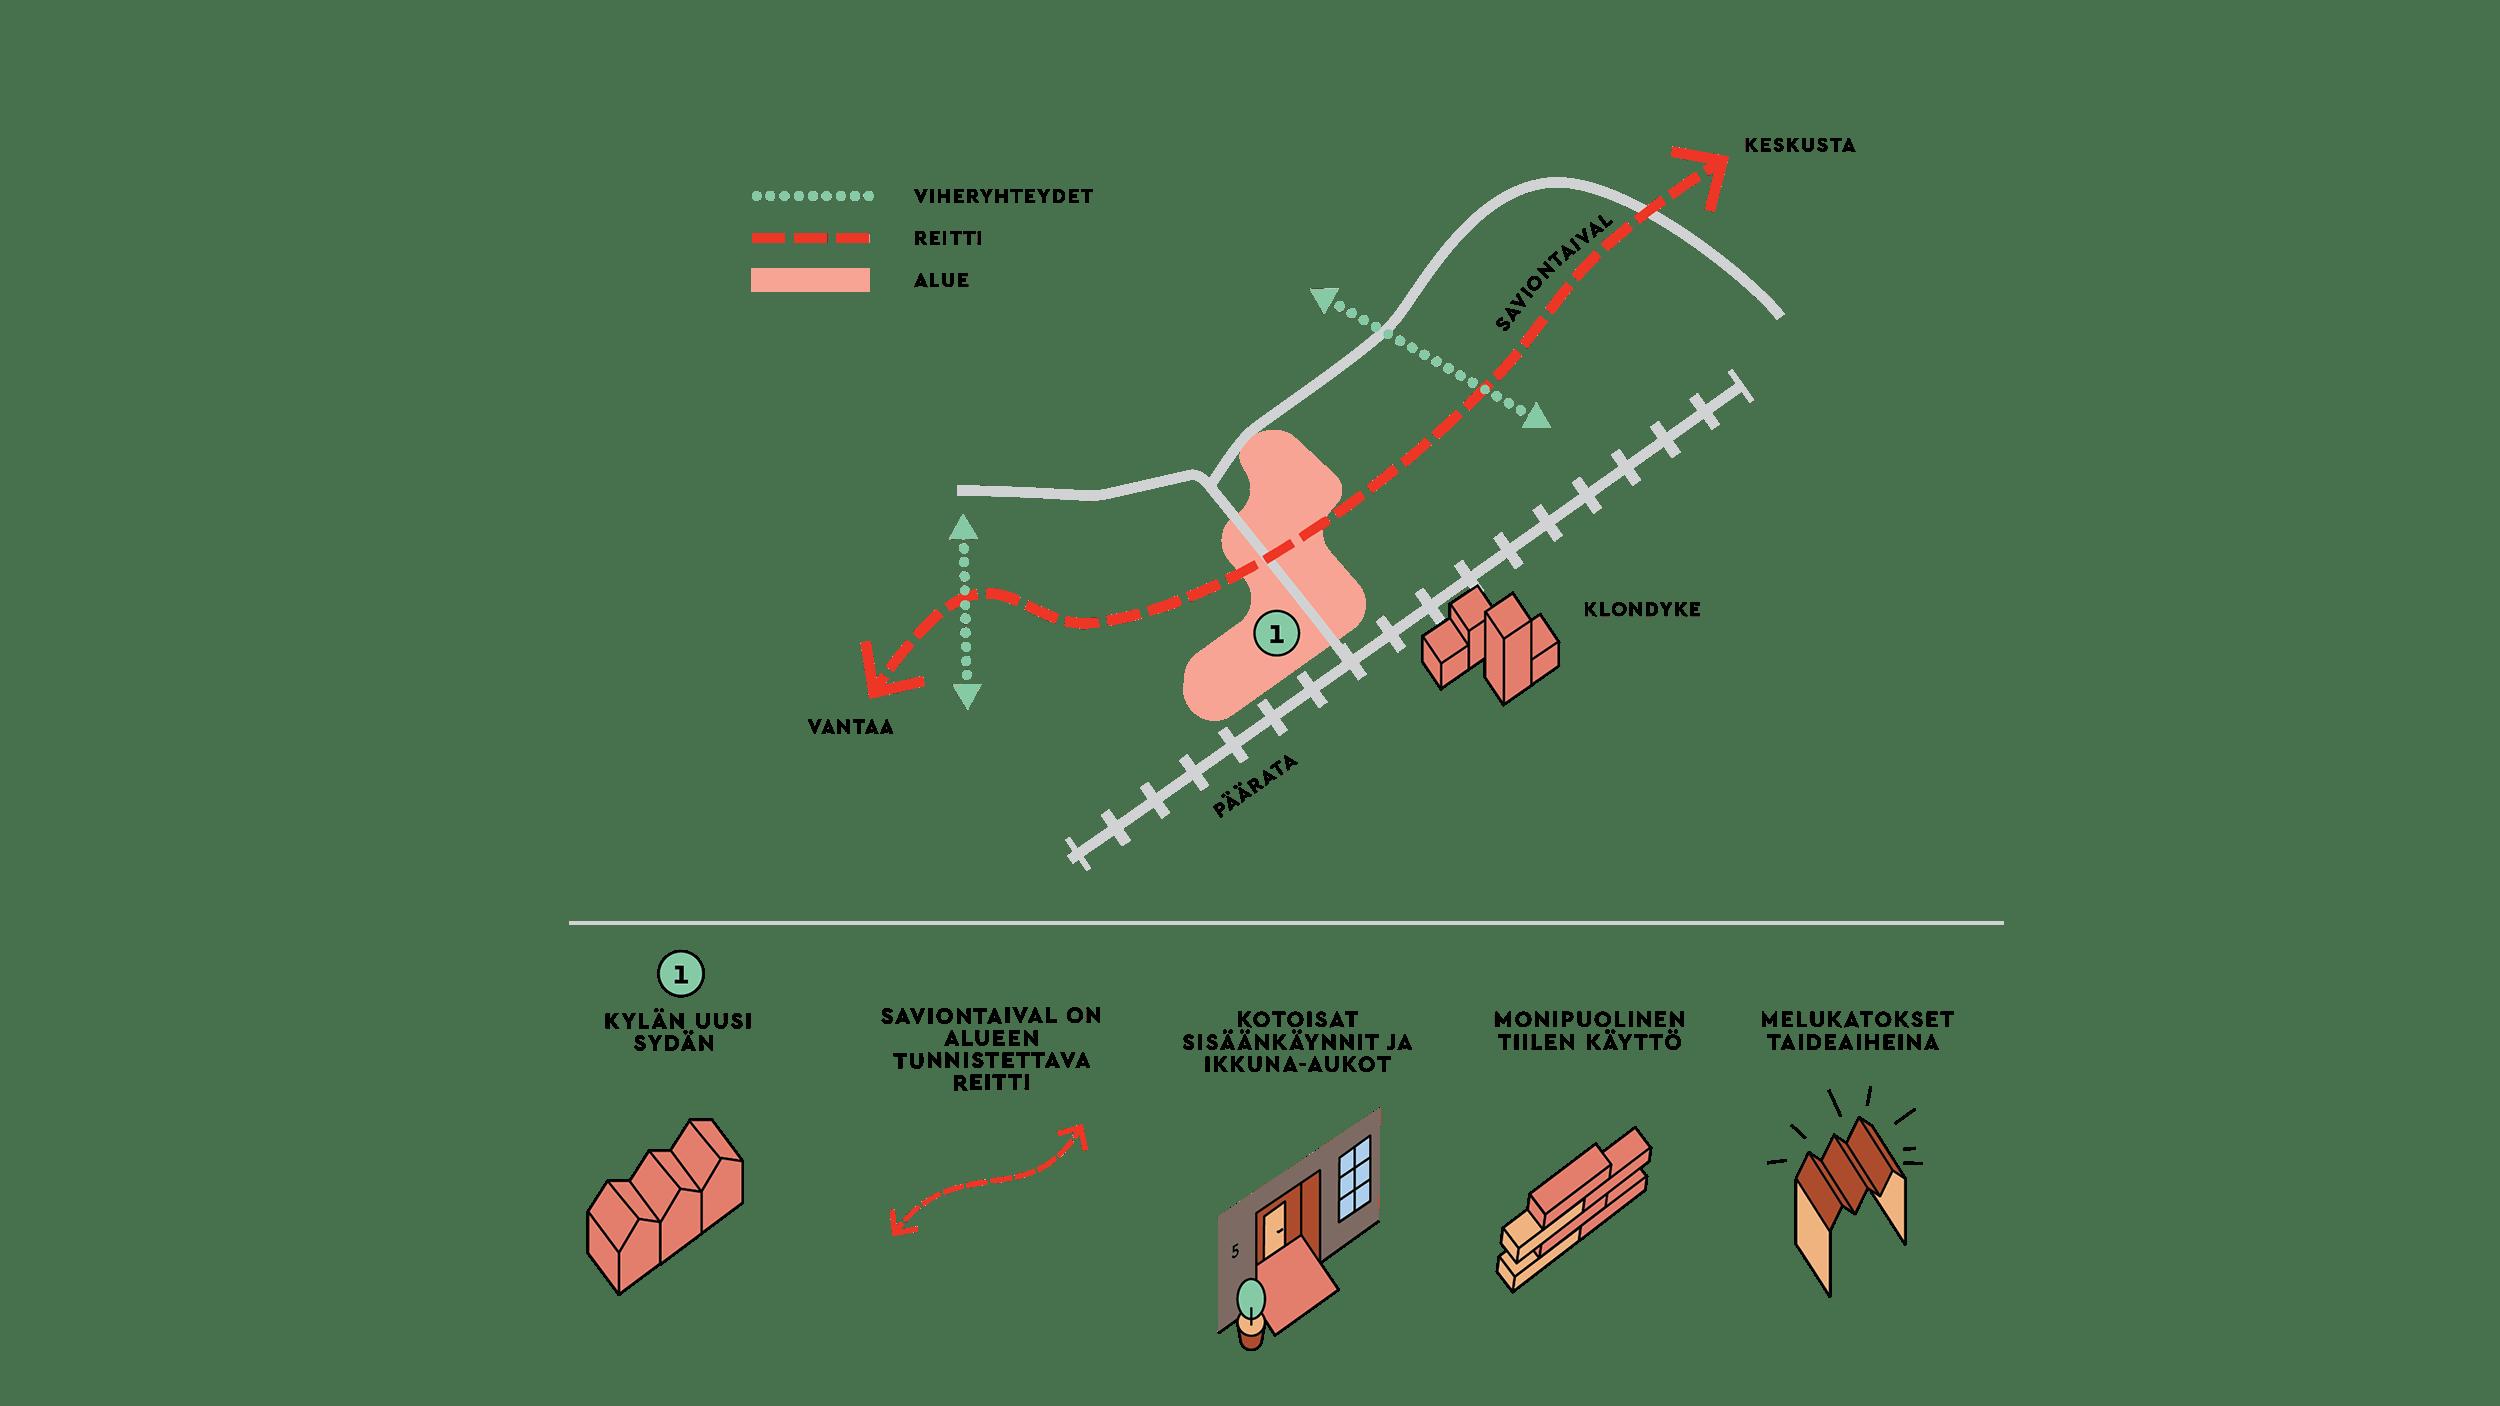 Aluebrändiopas esittelee persoonallisia yksityiskohtia, jotka tekevät alueesta omaleimaisen.